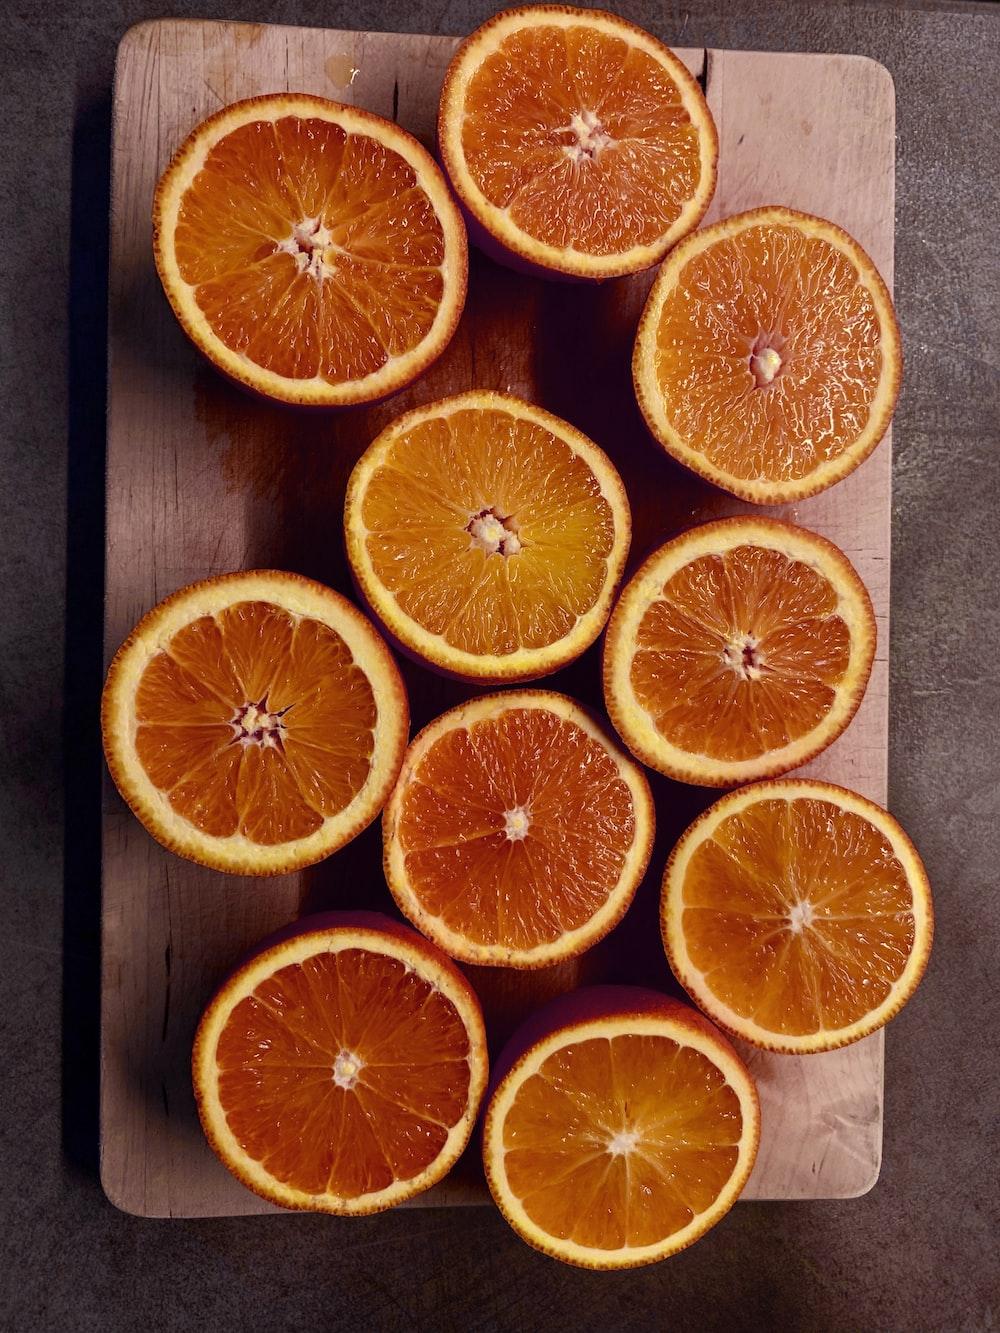 sliced fruits ]